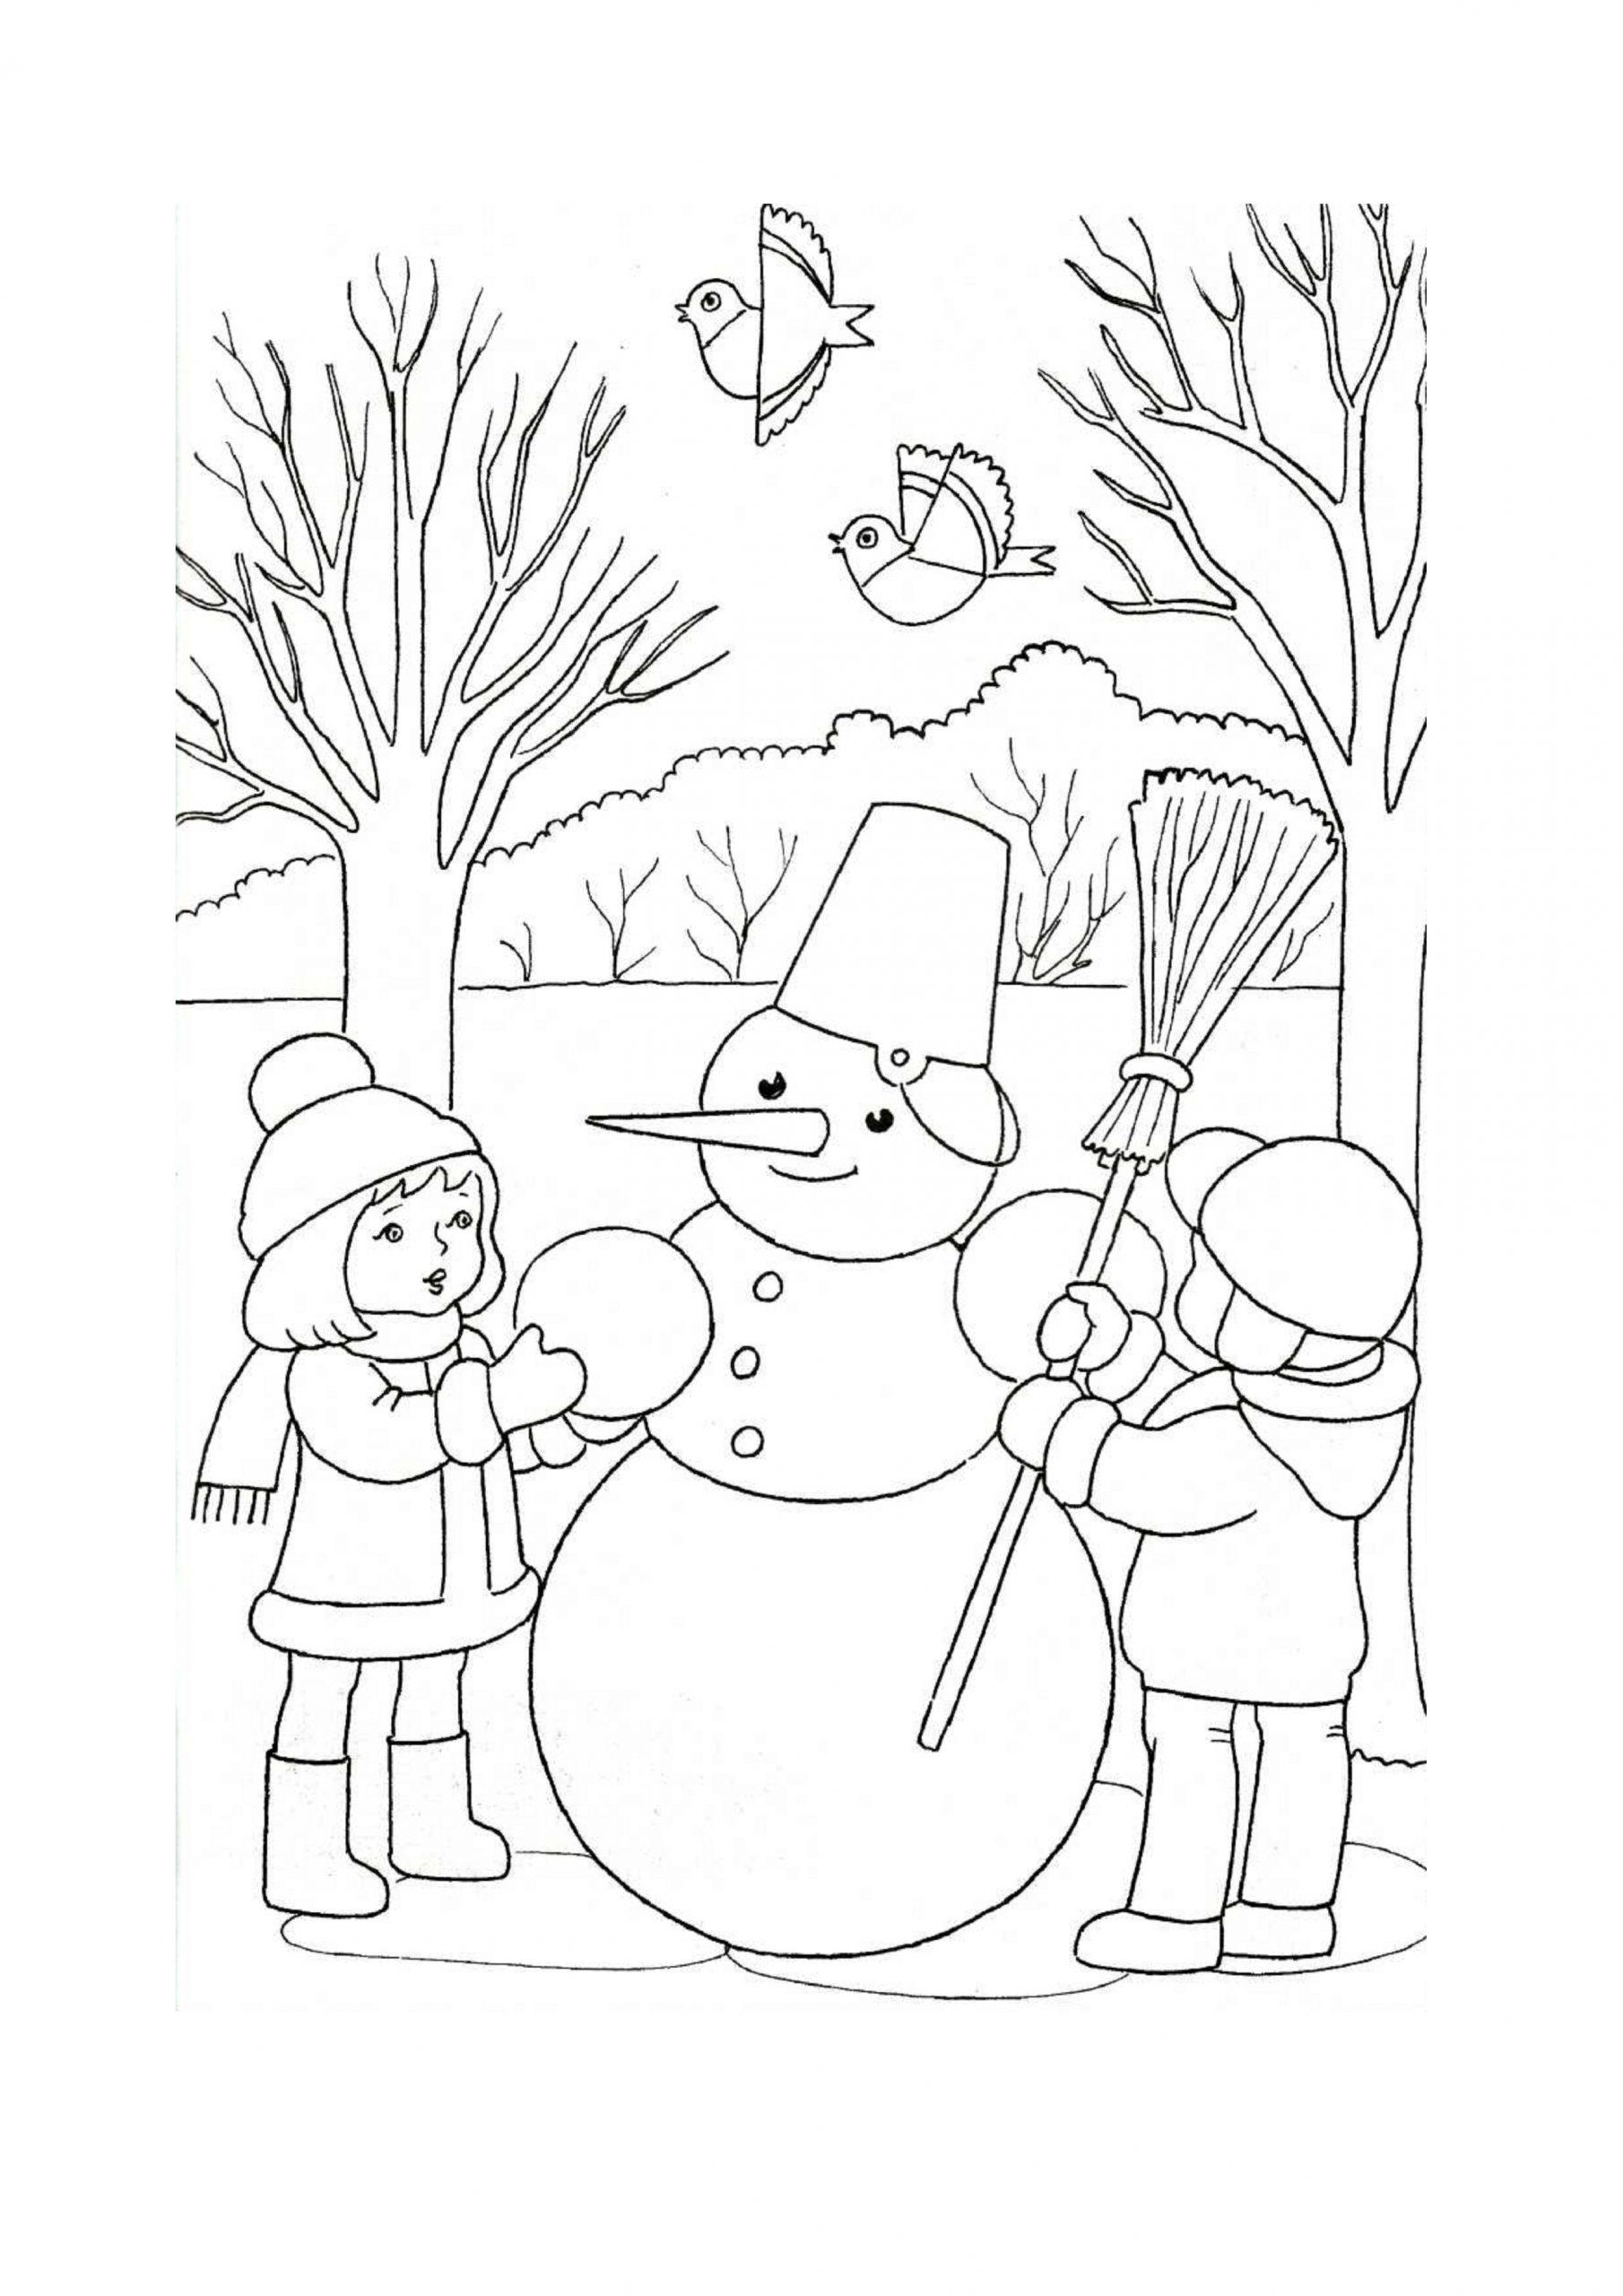 бальзак это картинки карандашом здравствуй зимушка зима смотрятся также